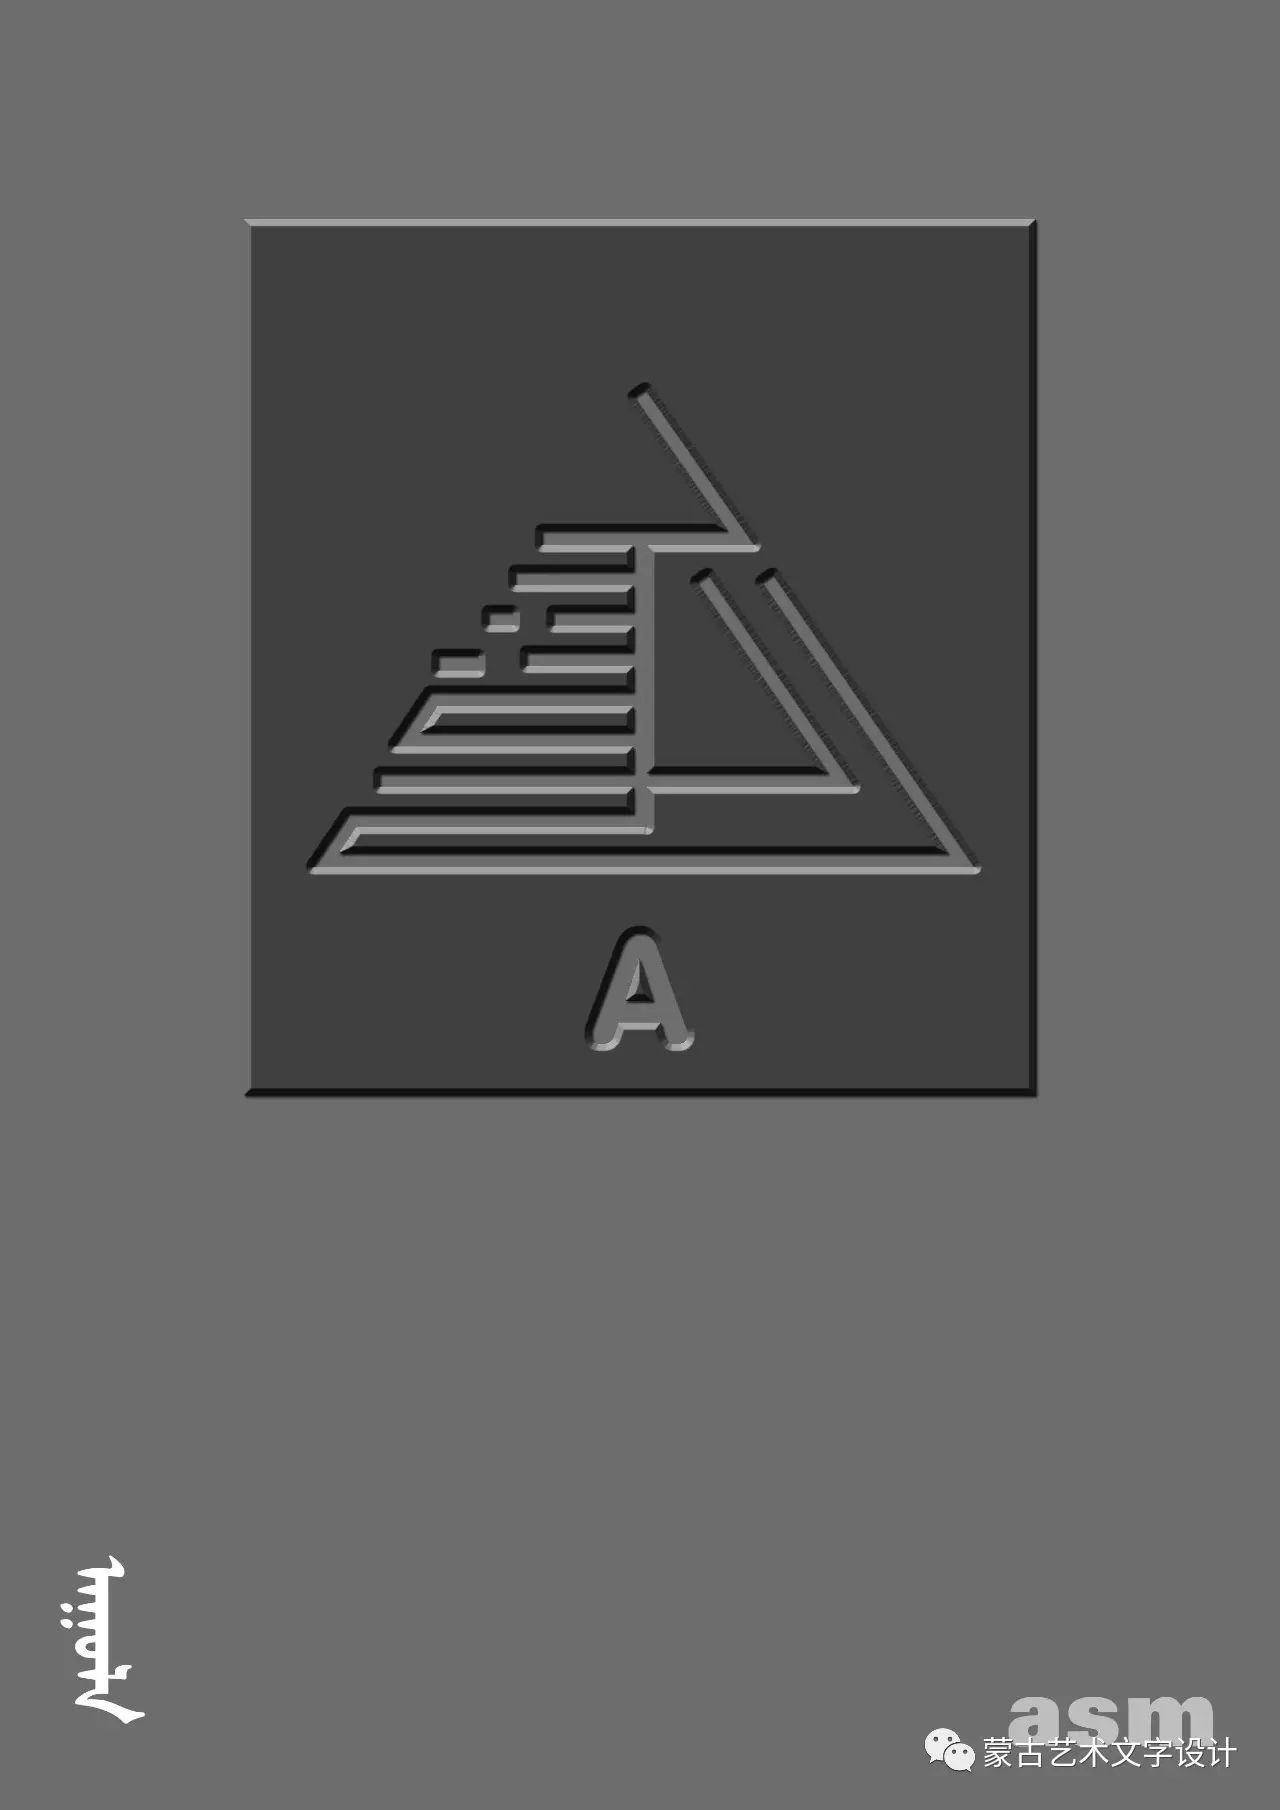 蒙古艺术文字设计 第19张